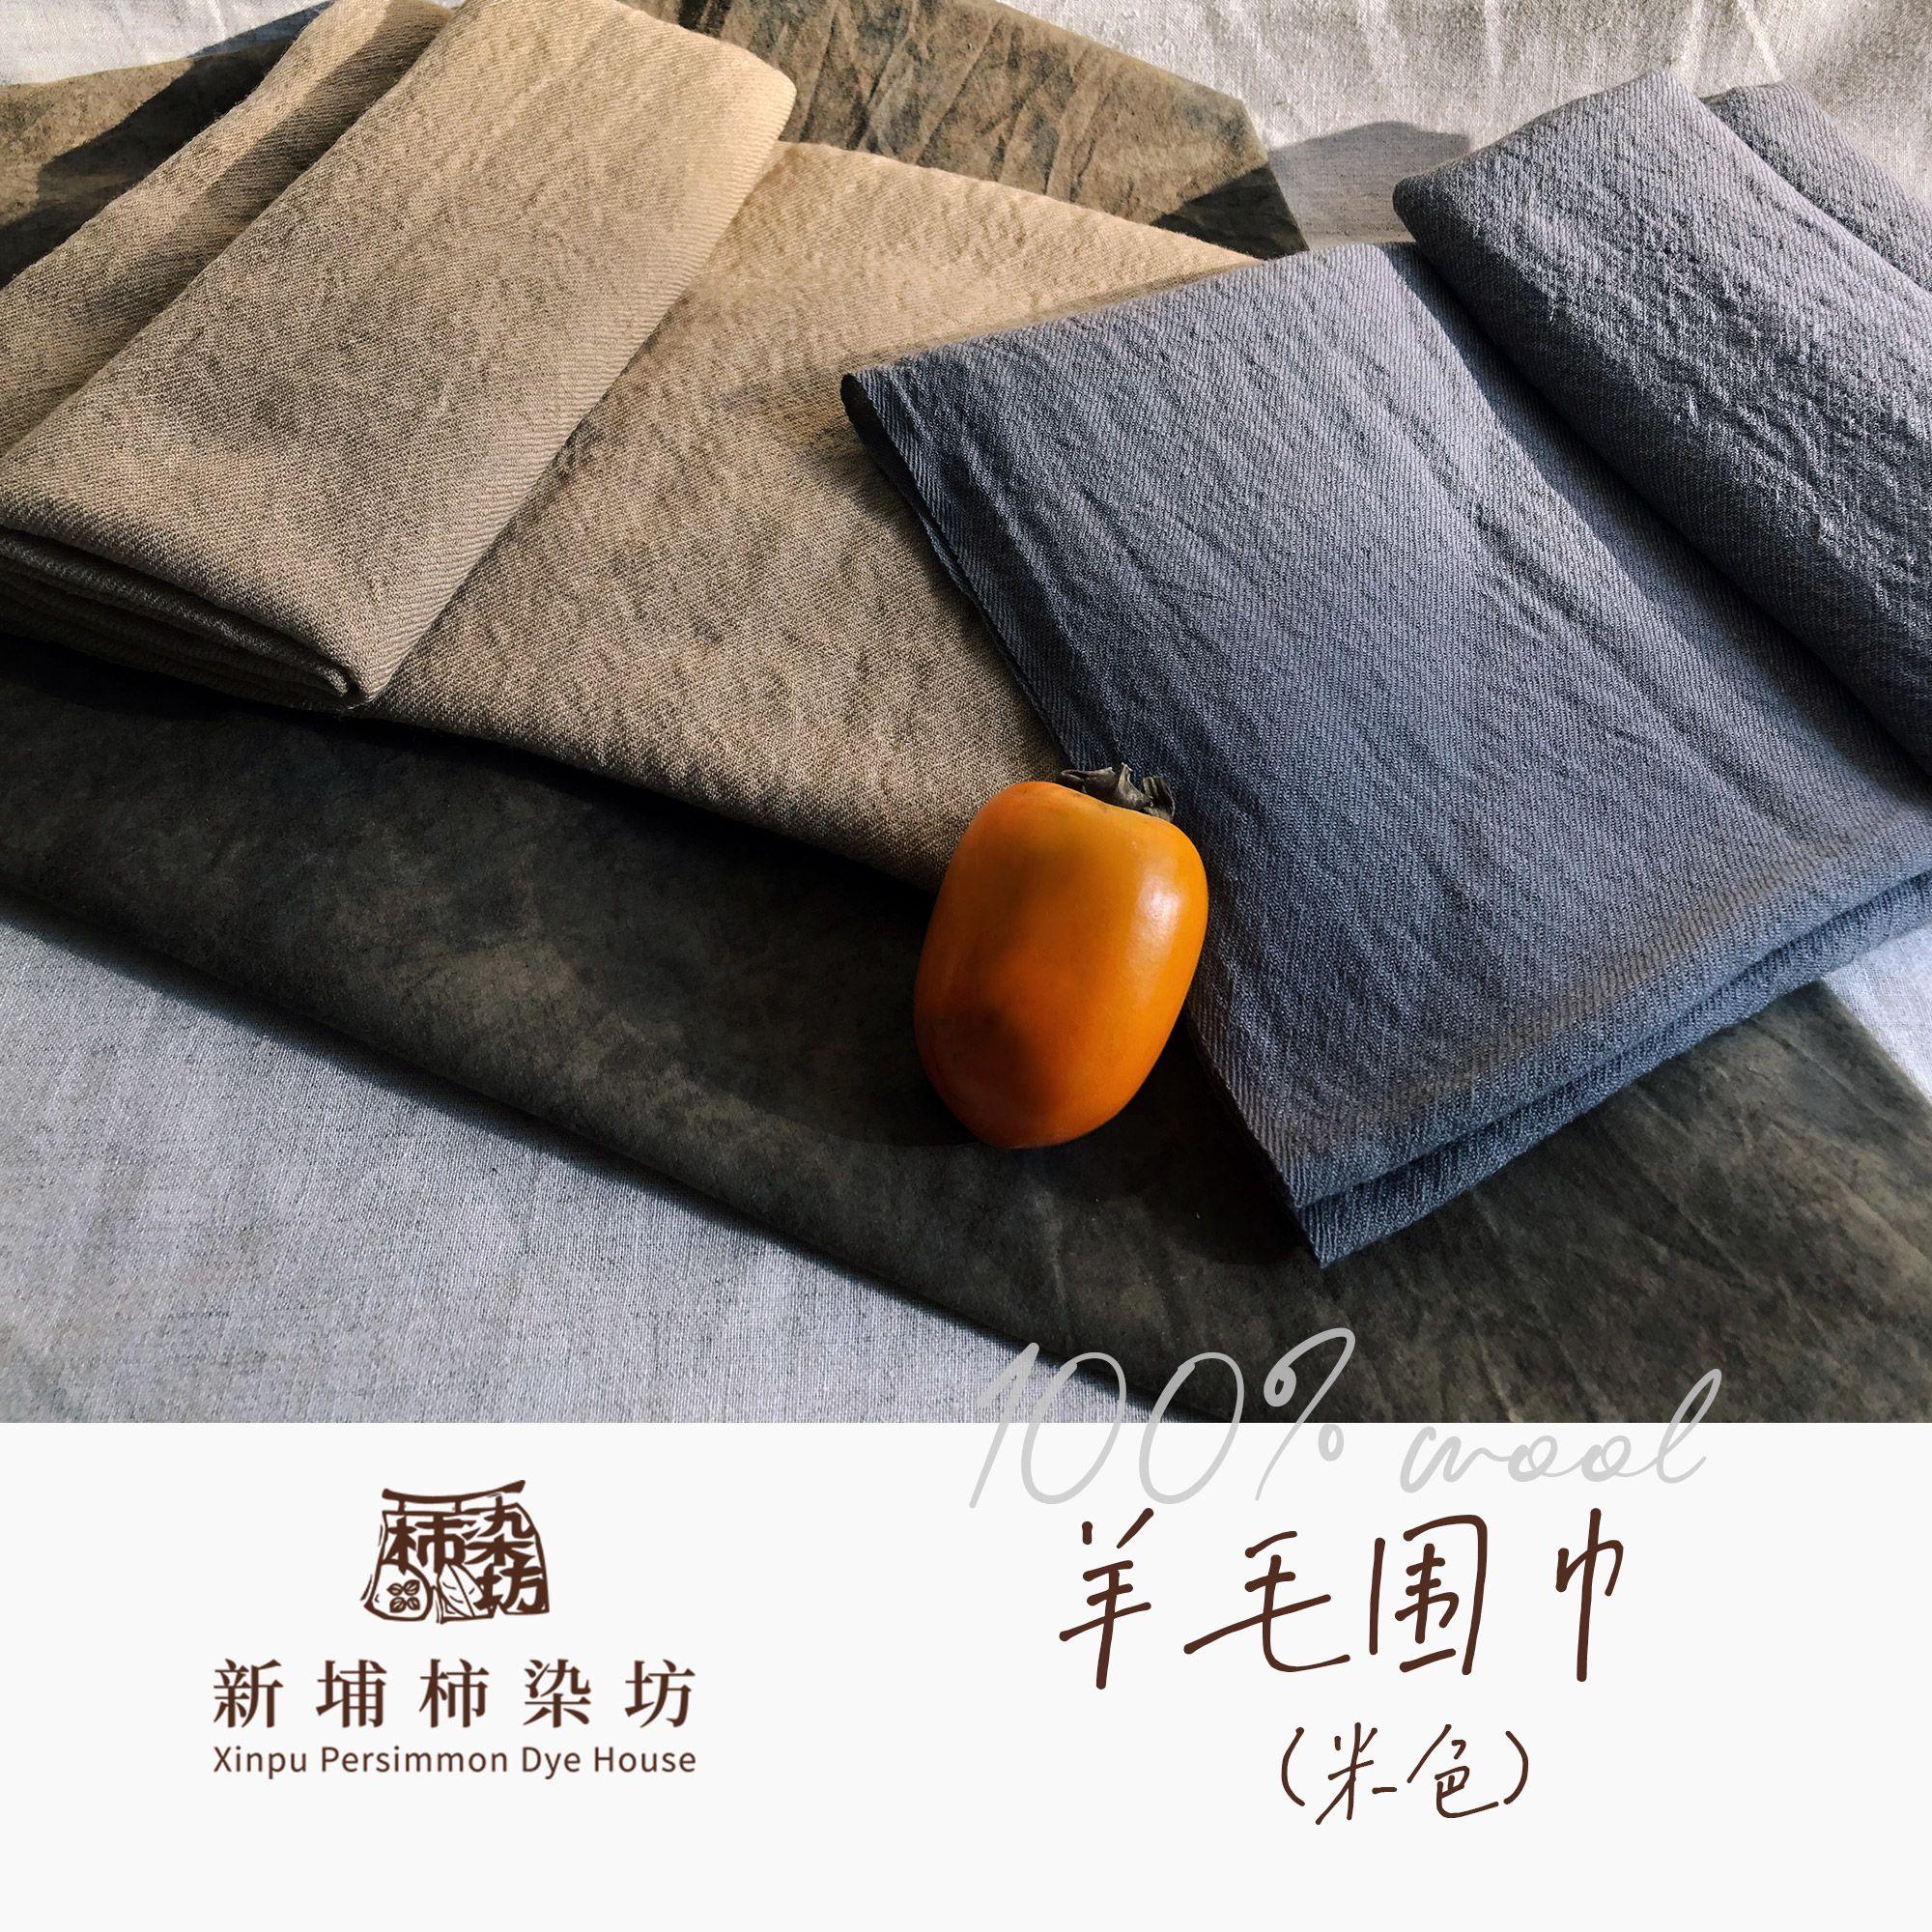 【新埔柿染坊】100%羊毛圍巾,舒適感十足 時尚簡約(顏色隨機出貨)